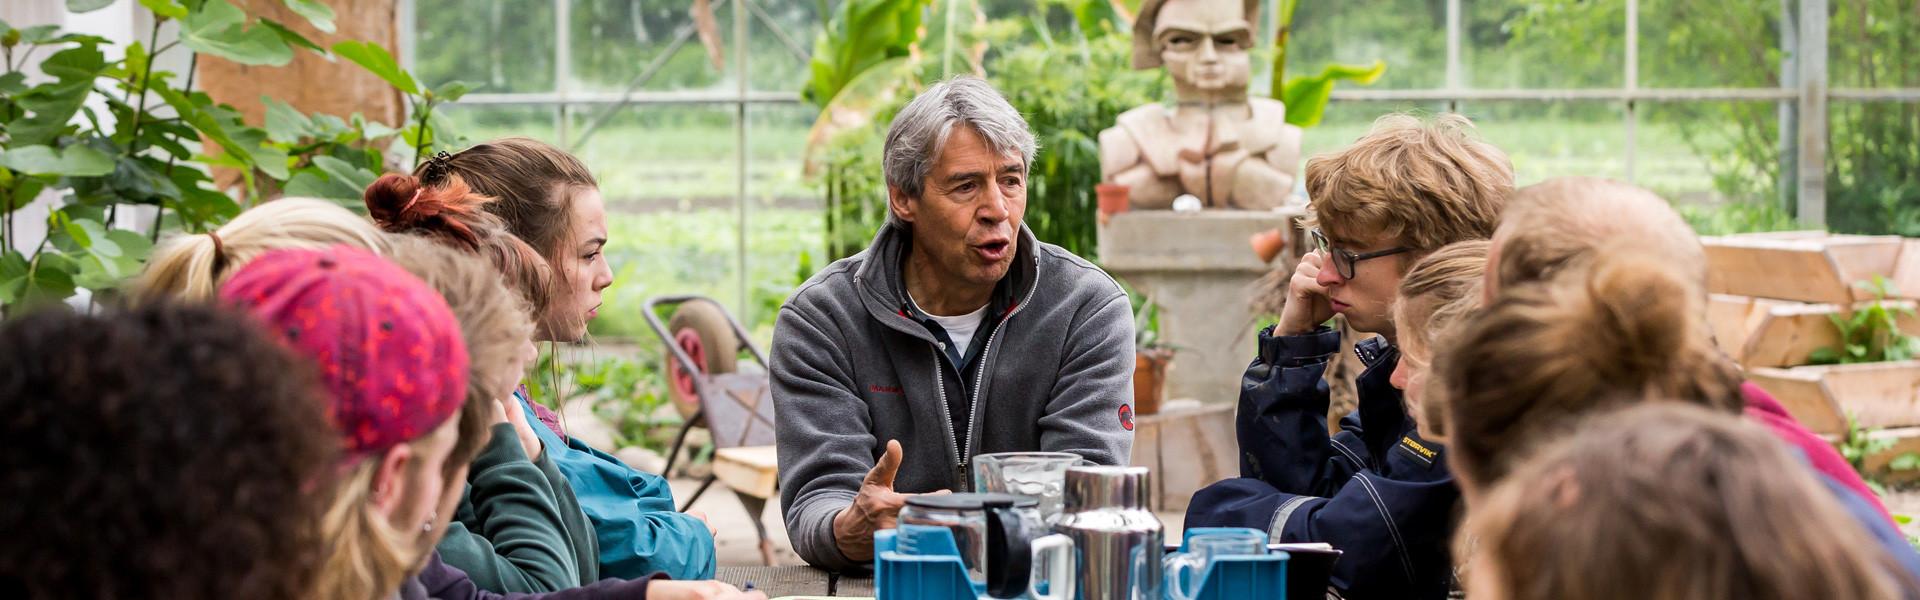 Docent geeft les aan een groep studenten in een kas.